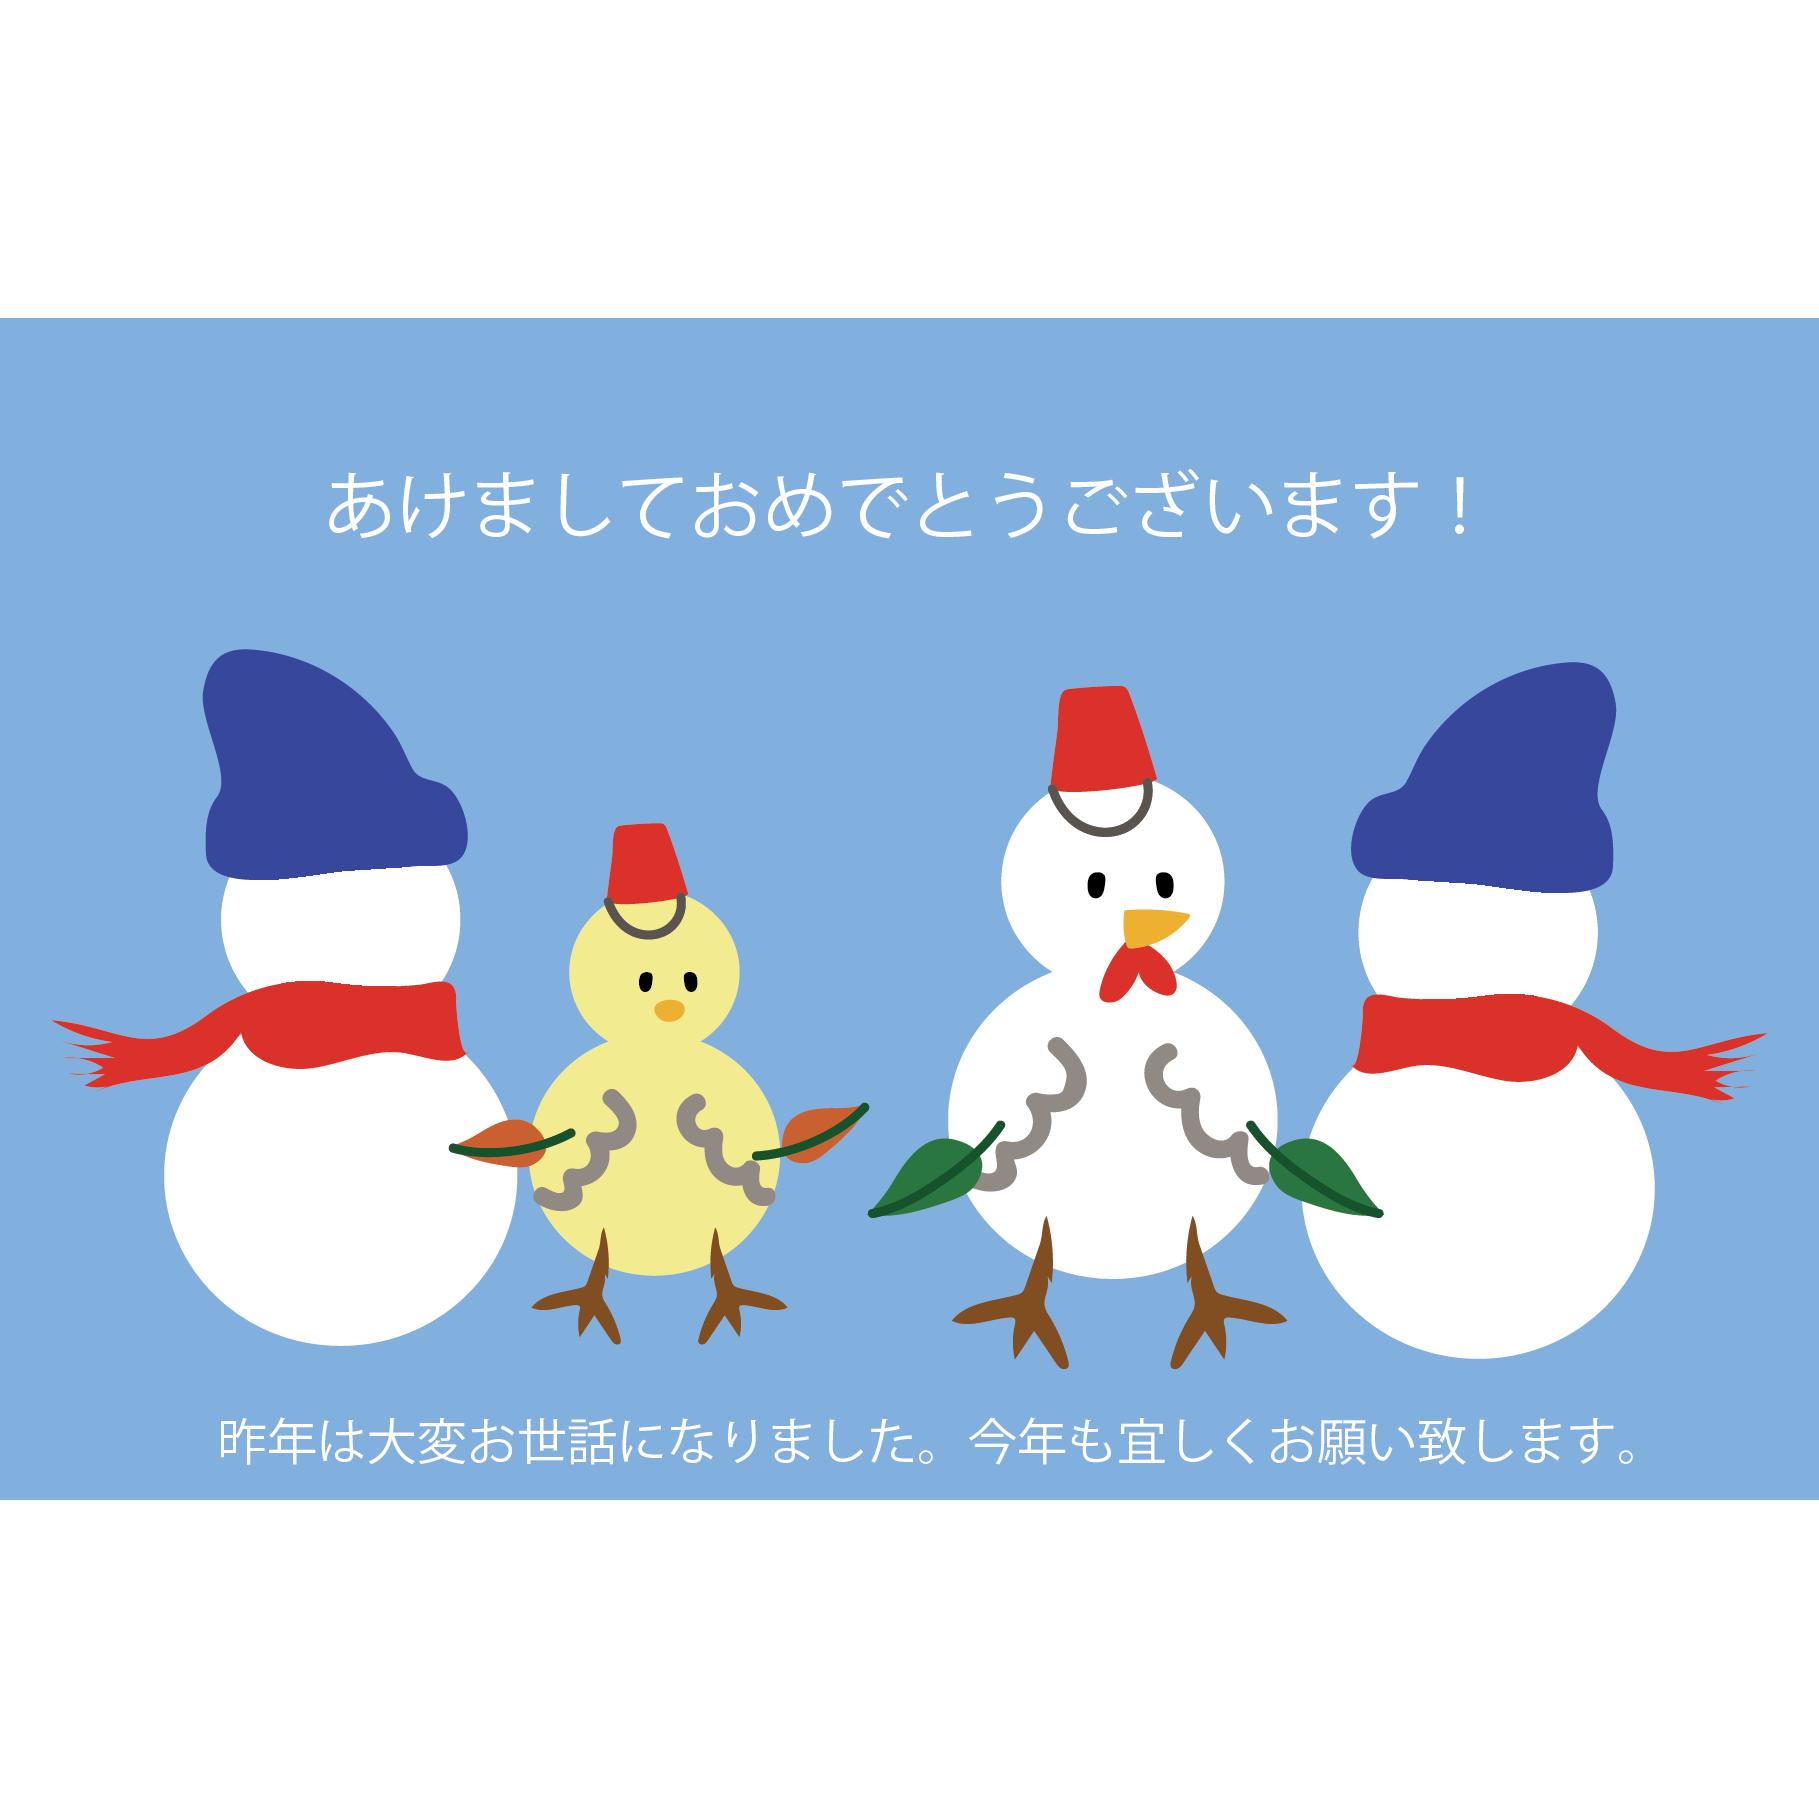 写真フレーム付き 2017年 酉年 鶏親子の雪だるまフレーム年賀状 イラスト